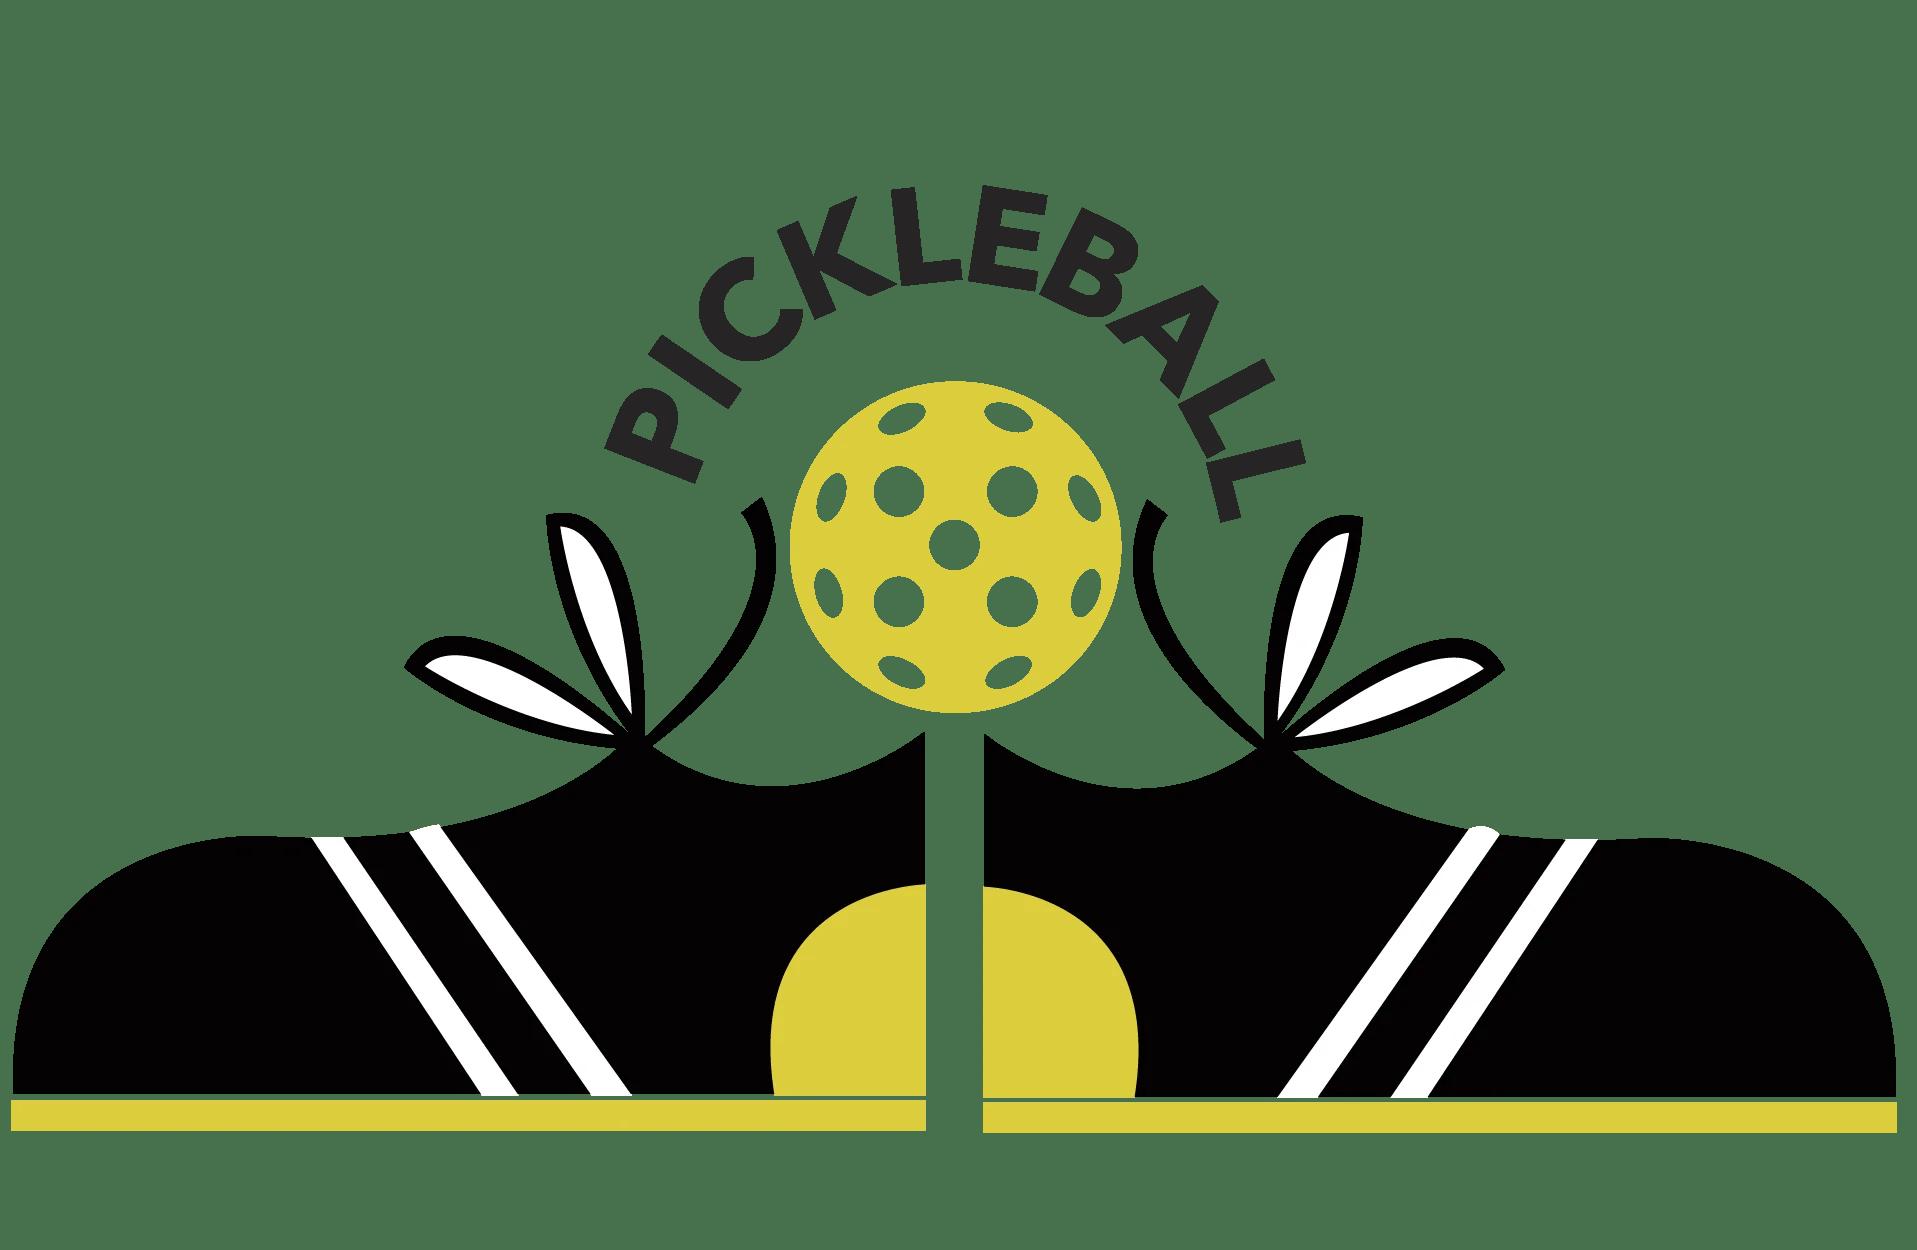 pickleball xtra [ 1917 x 1250 Pixel ]